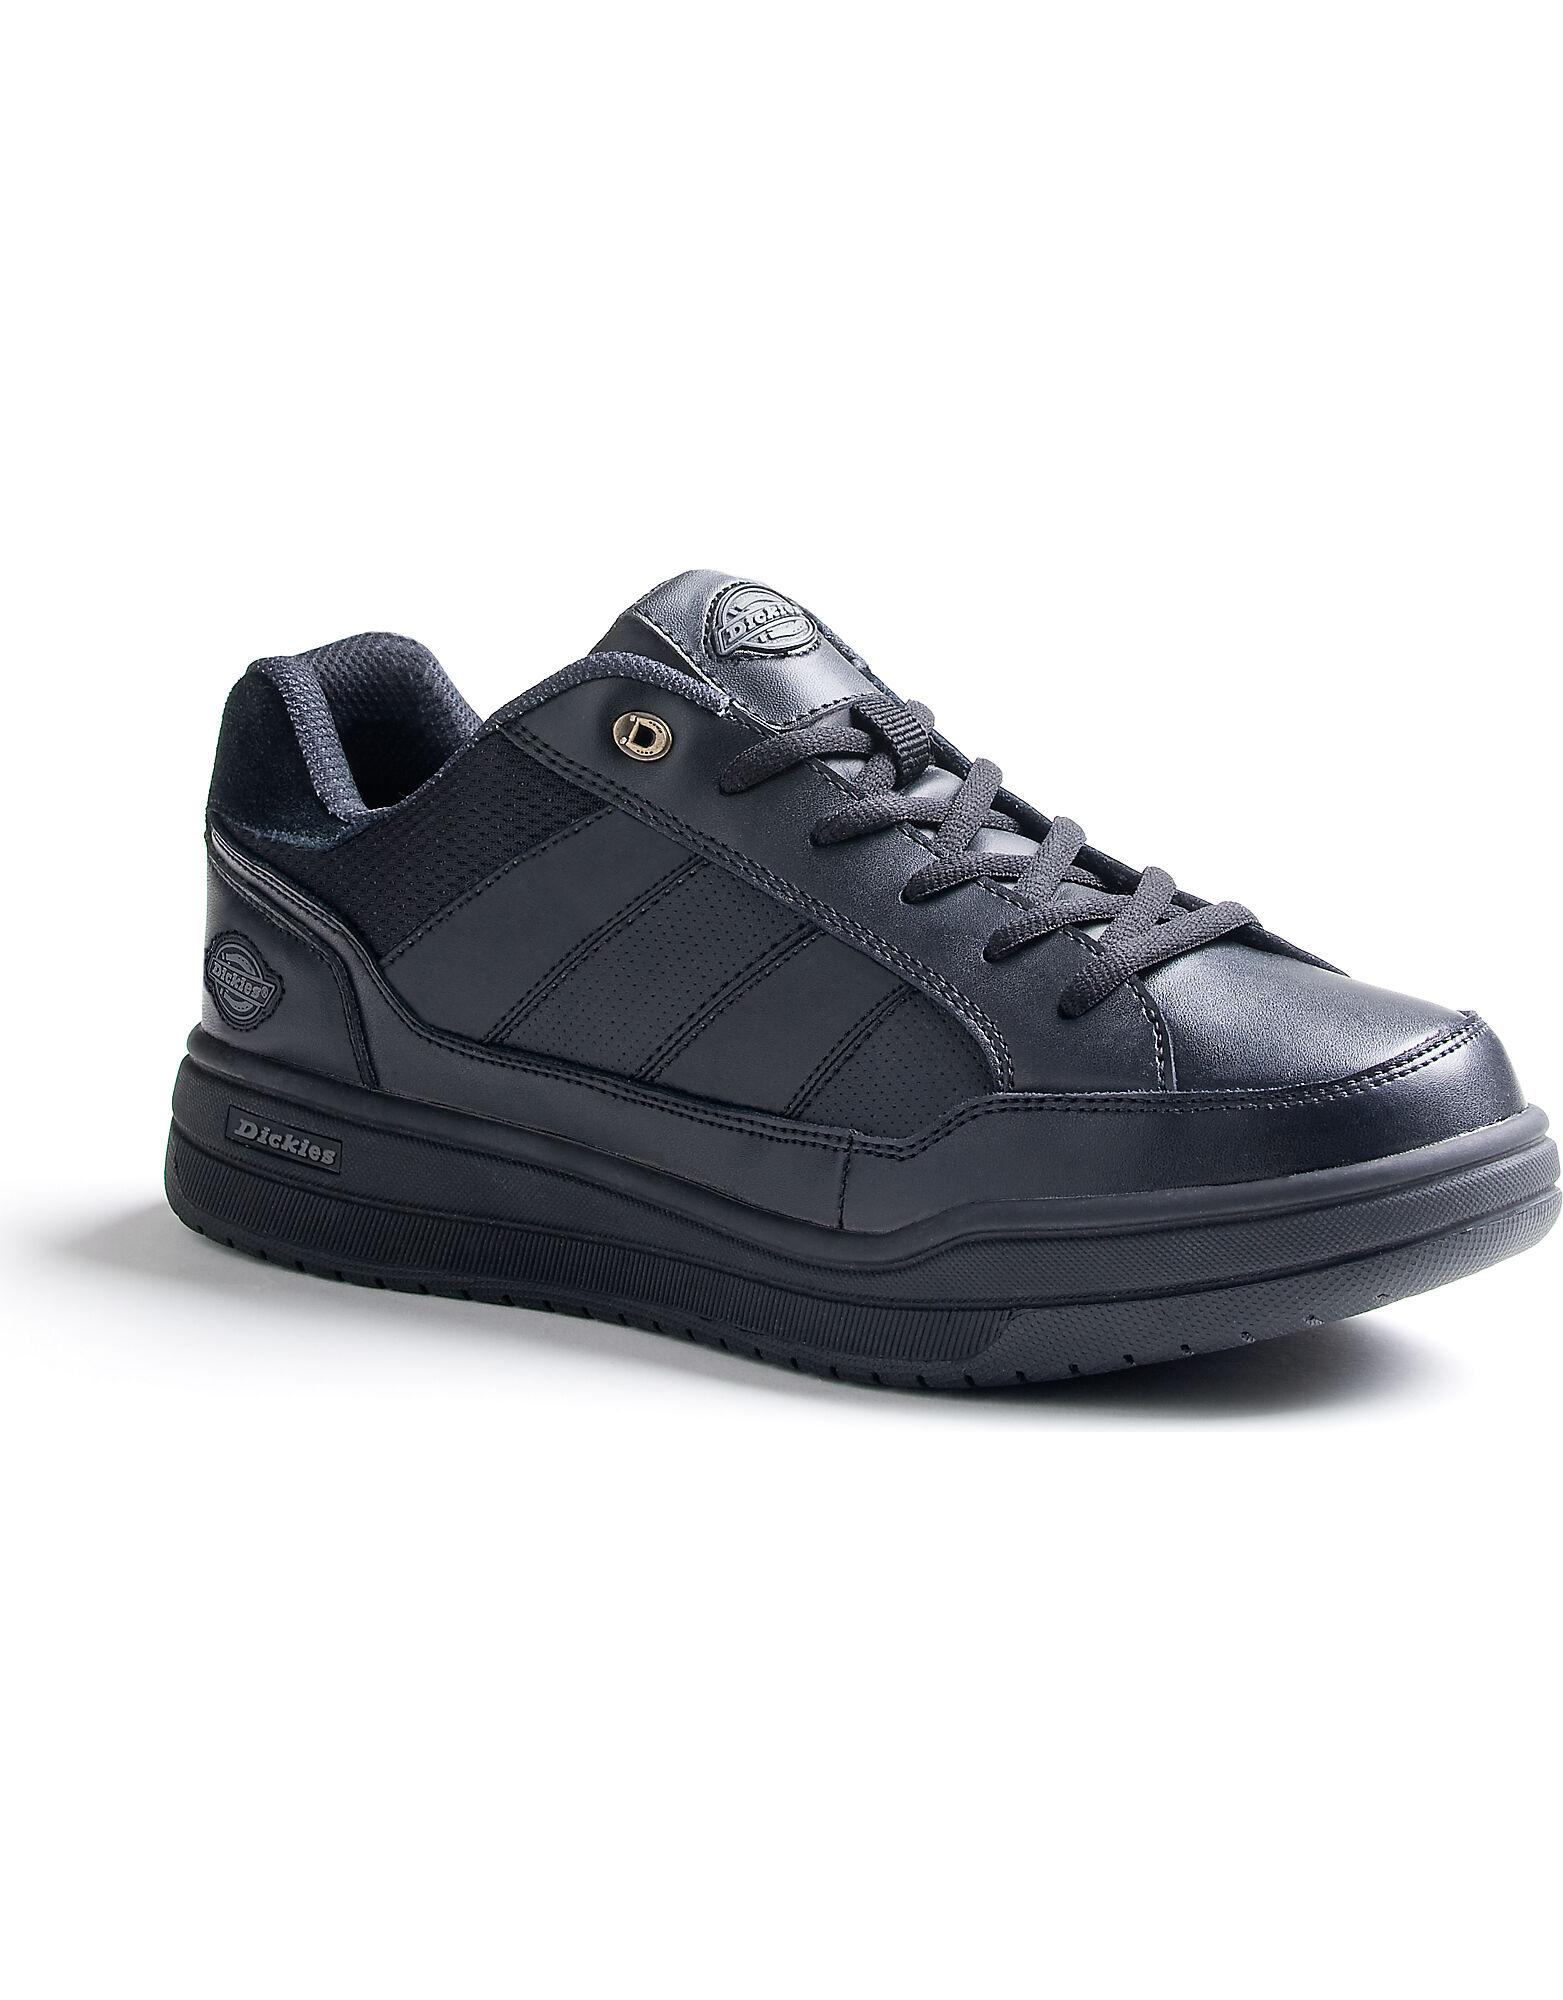 Skate shoes non slip - Women S Slip Resisting Athletic Skate Work Shoes